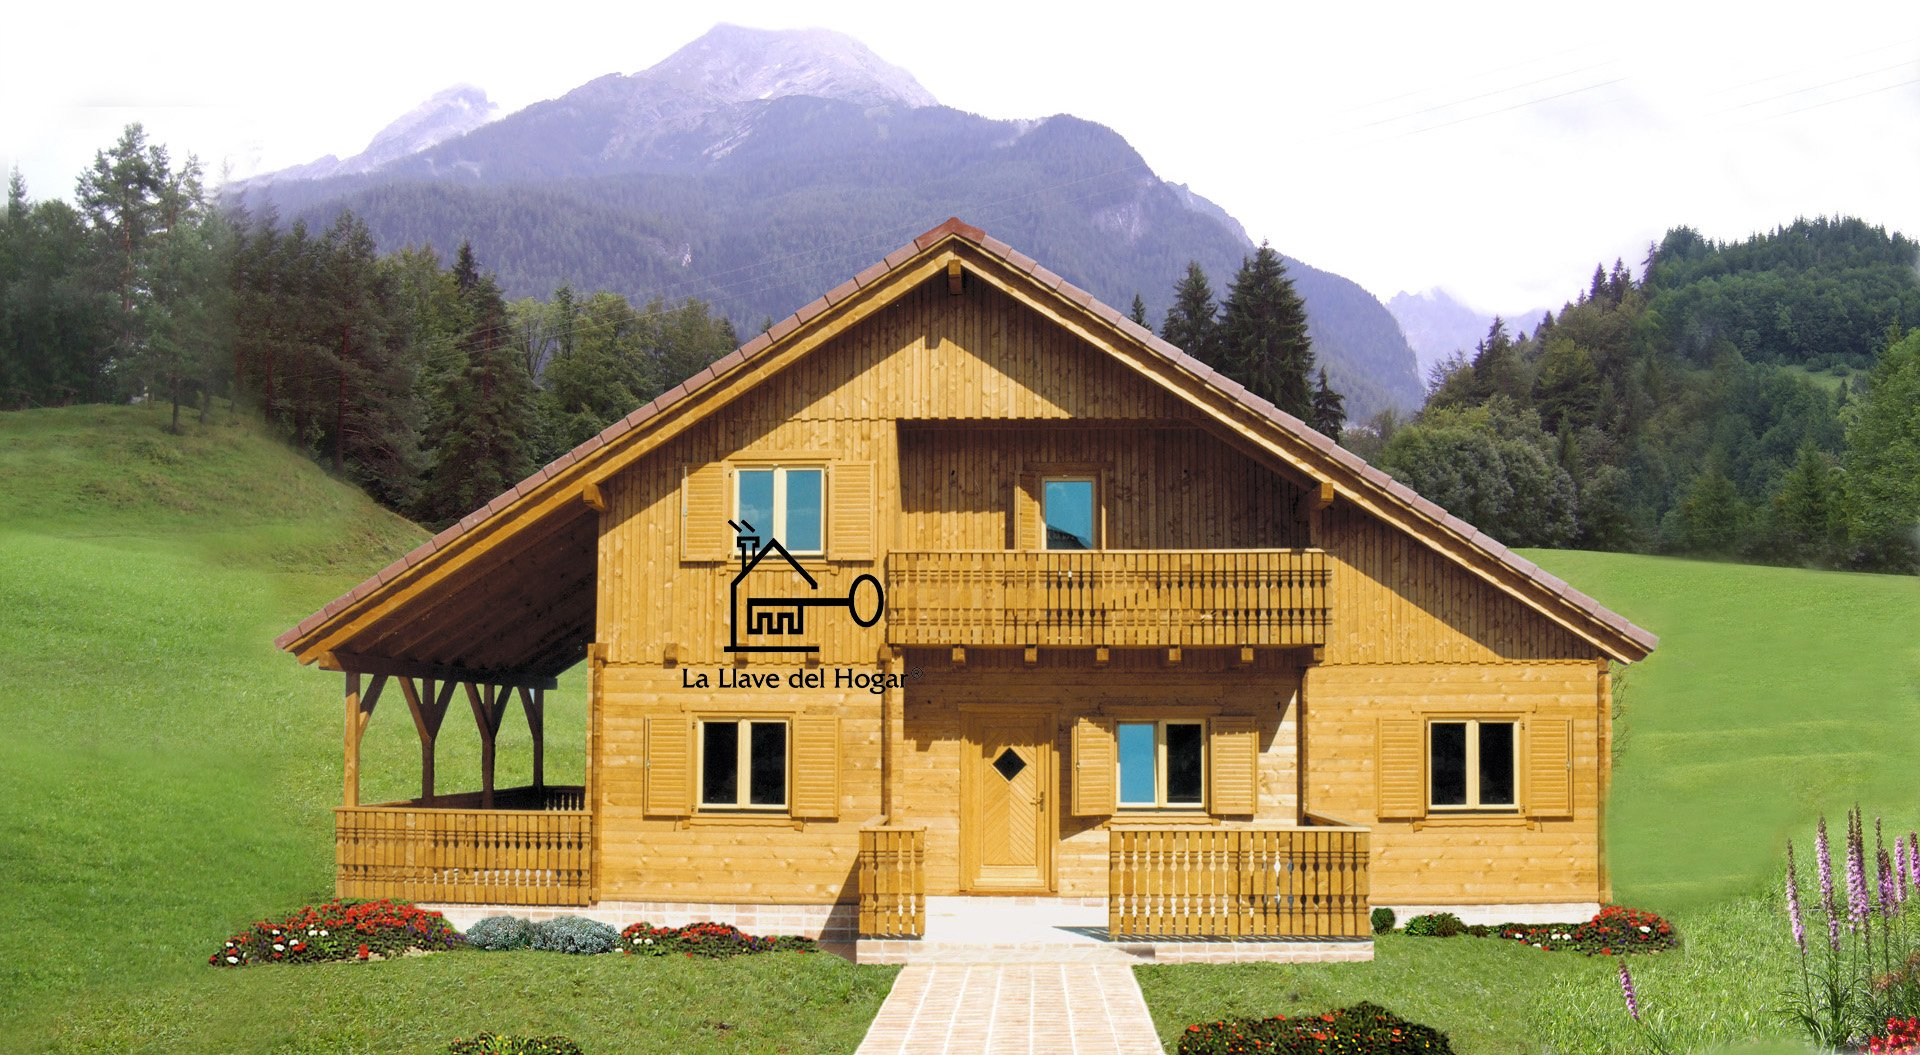 La llave del hogar casas de madera y entramado ligero - Propiedades de la madera ...